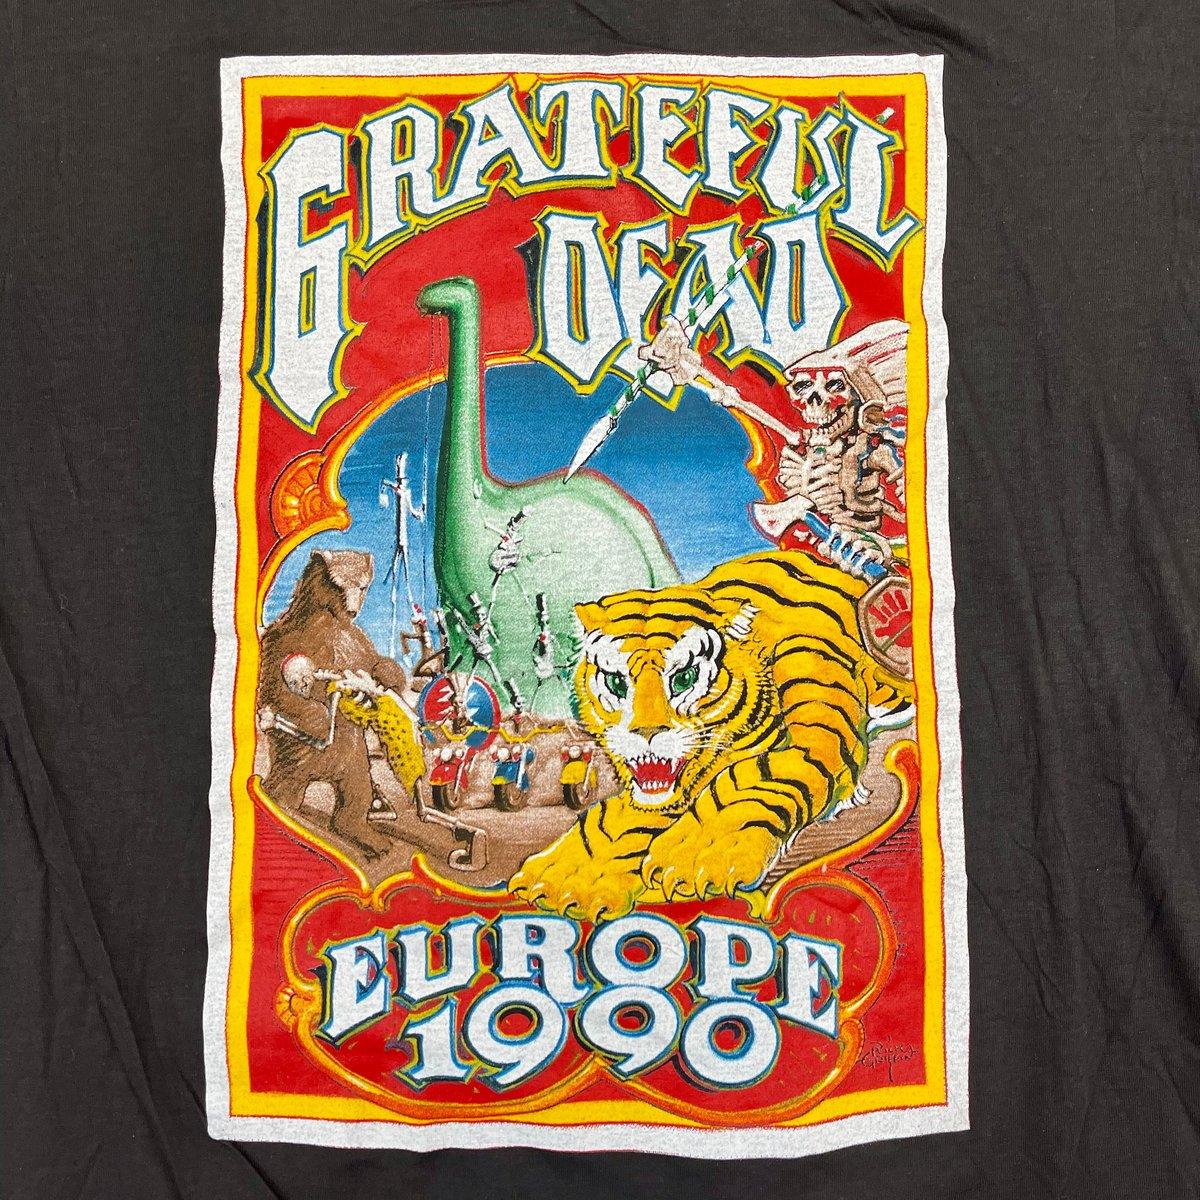 Original Rare Vintage Grateful Dead Europe 1990 Rick Griffin Tee! Medium!